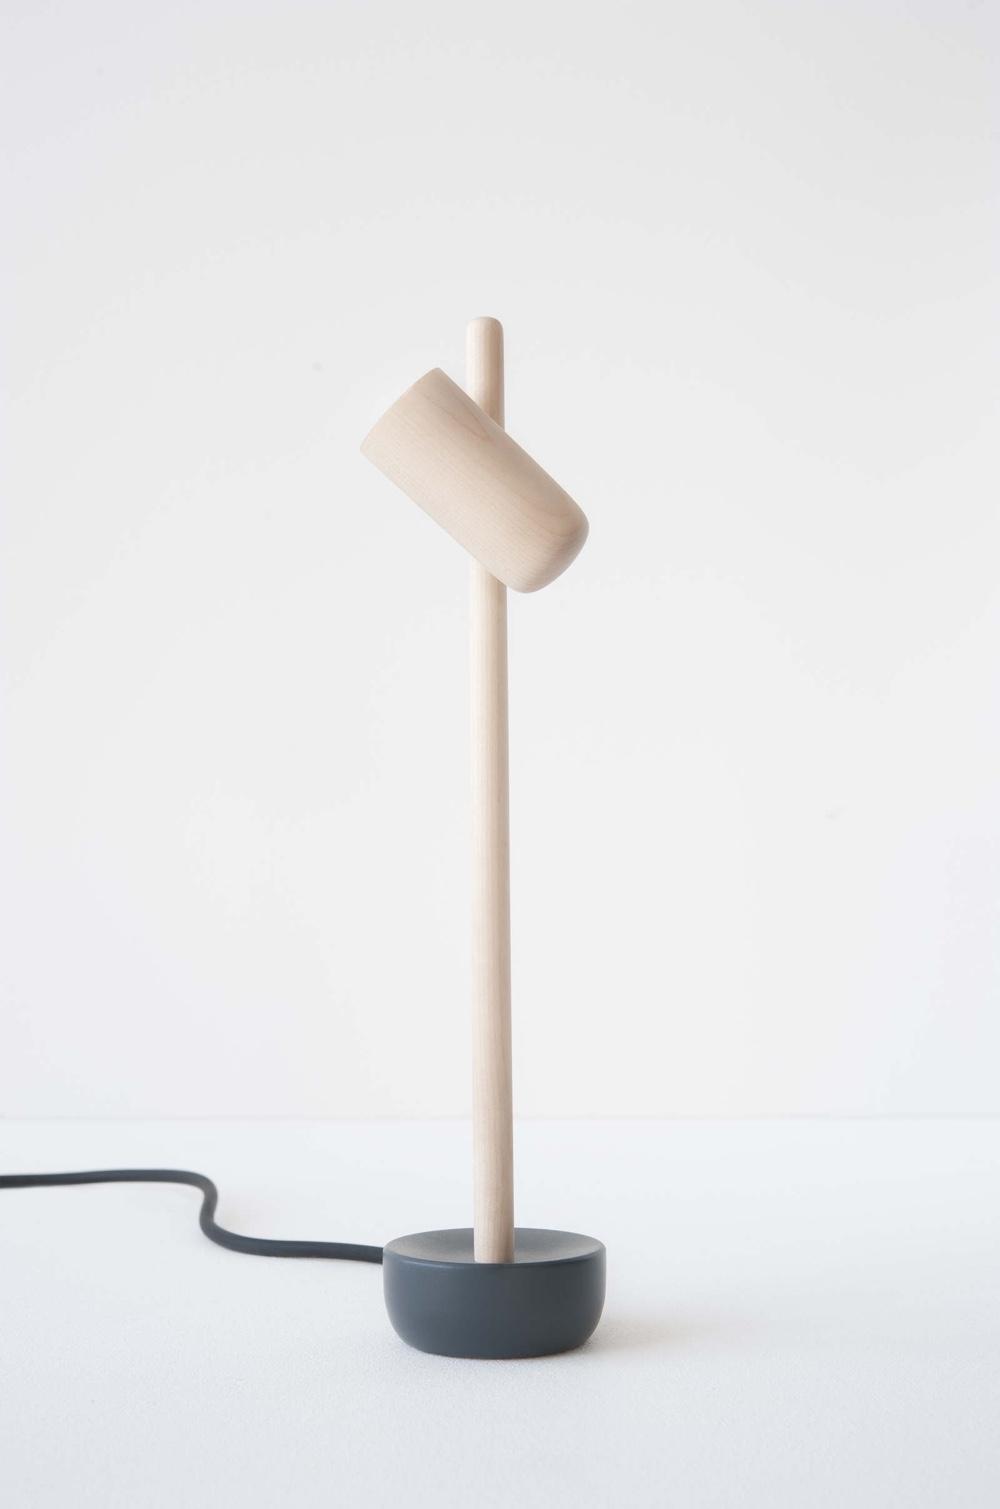 Оригинальные настольные лампы - светильник Petiole - фото 1